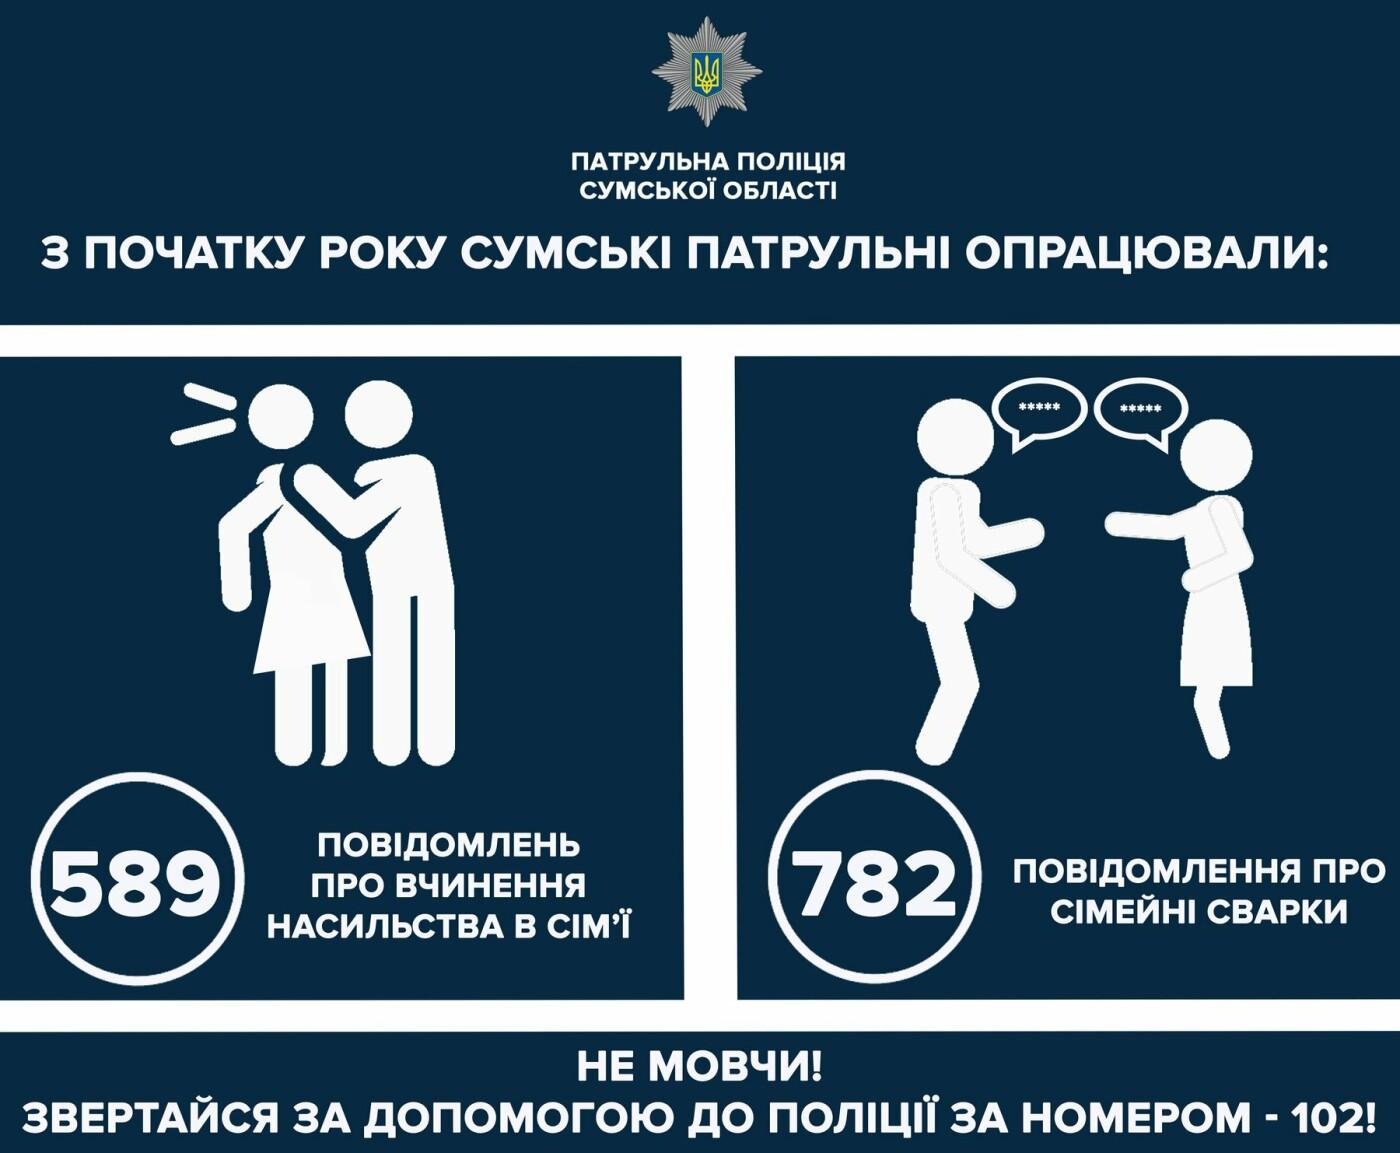 Сумчан просят не молчать о домашнем насилии, фото-1